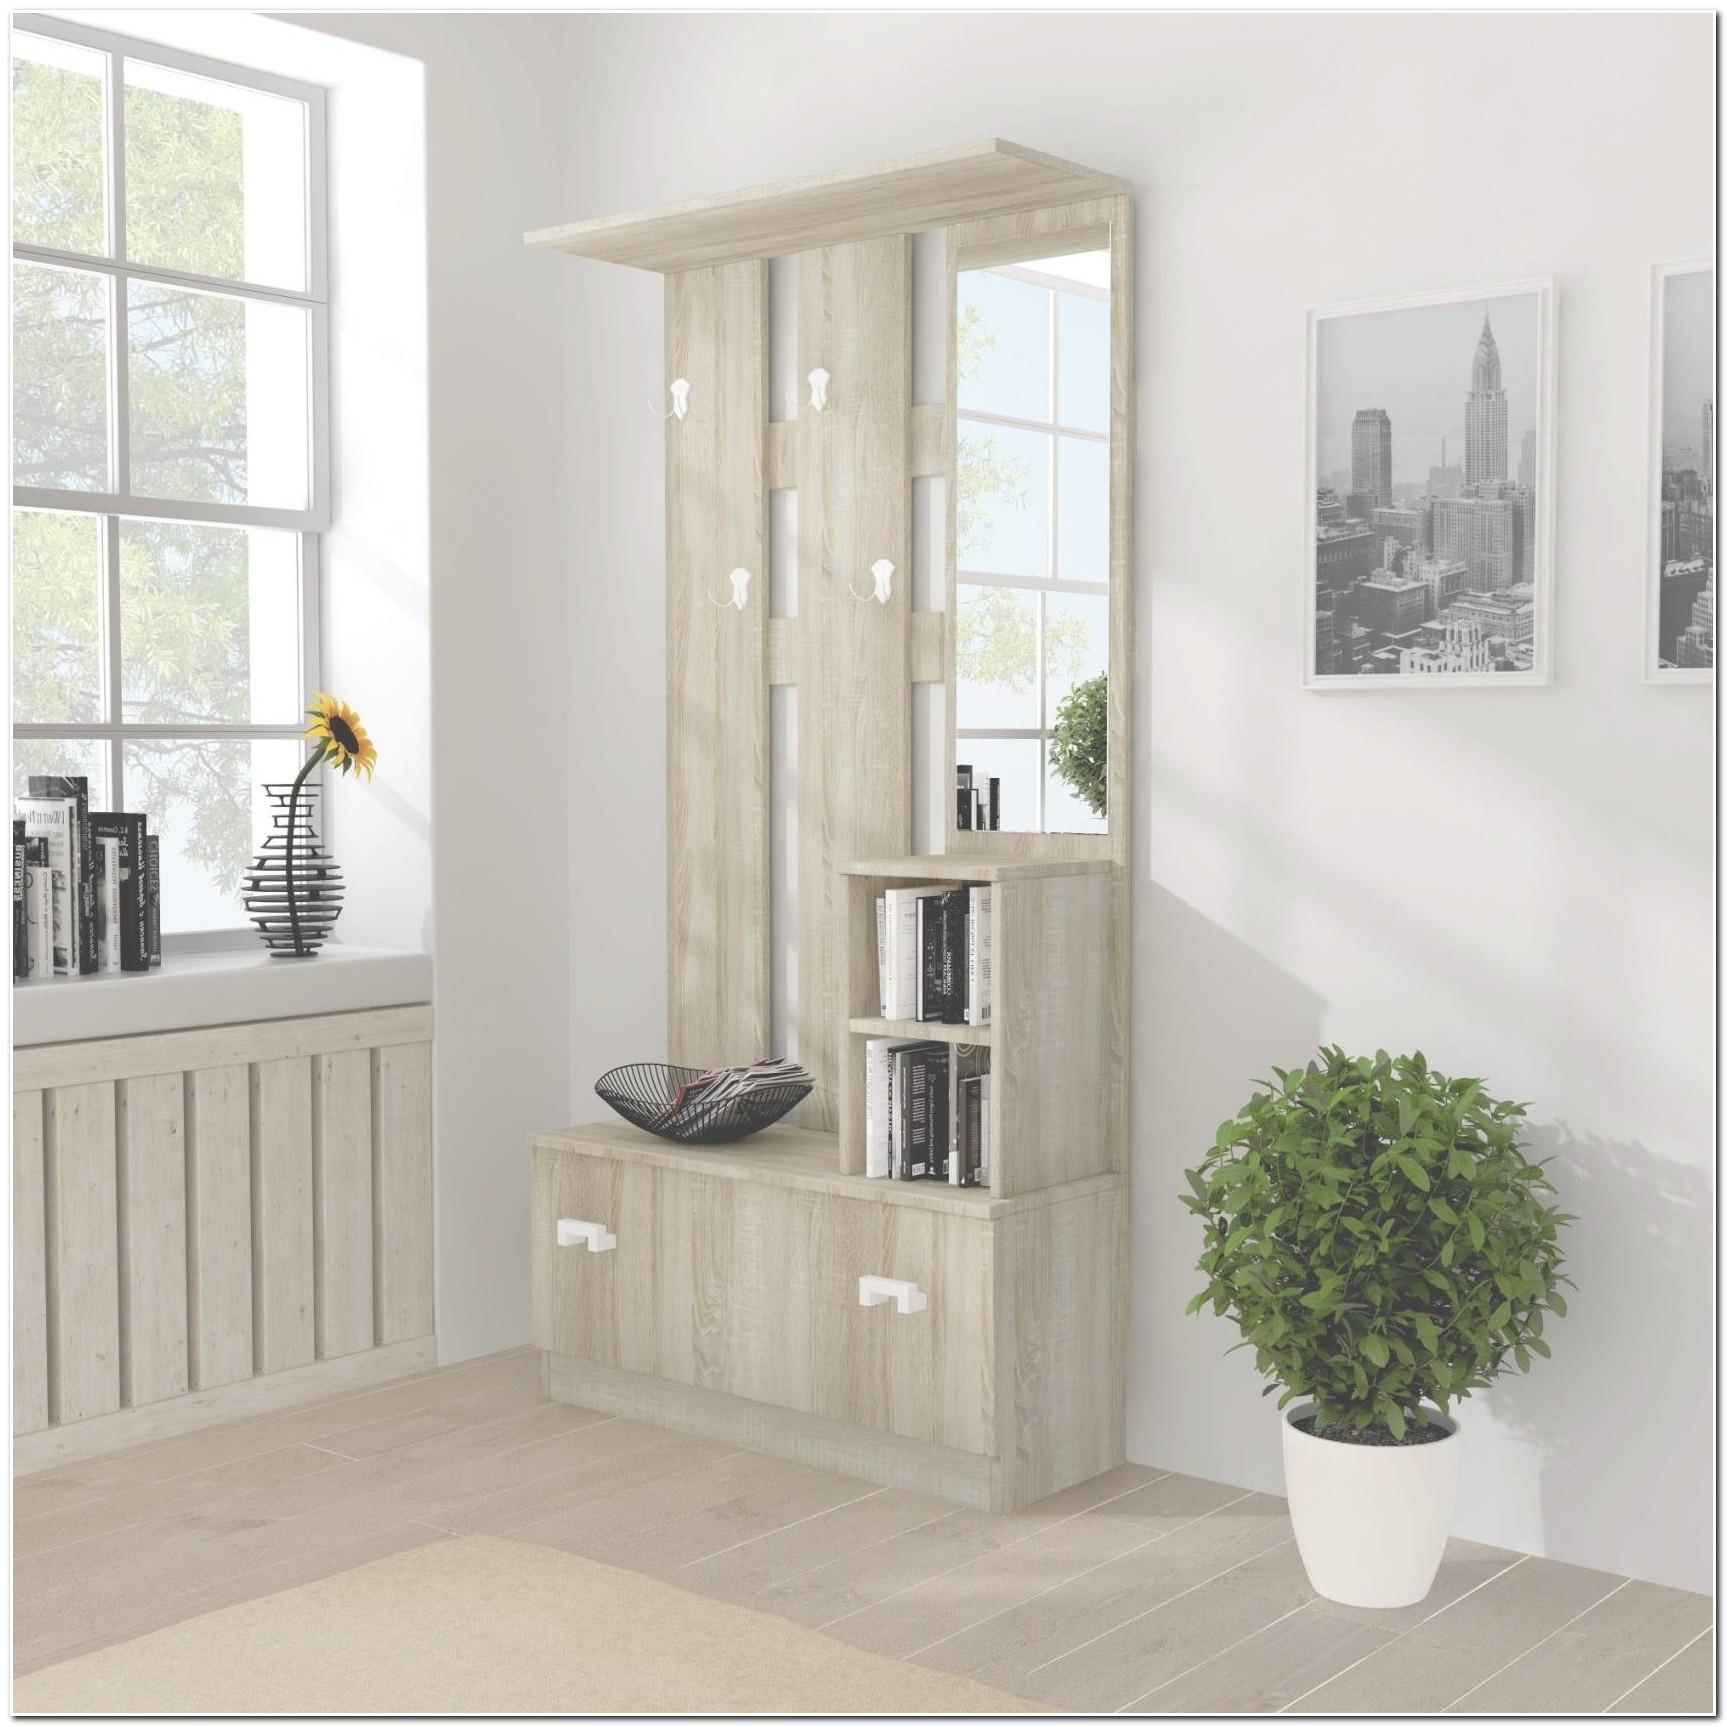 Déco D Entrée Maison meuble console d'entrée but - meuble : idées de décoration